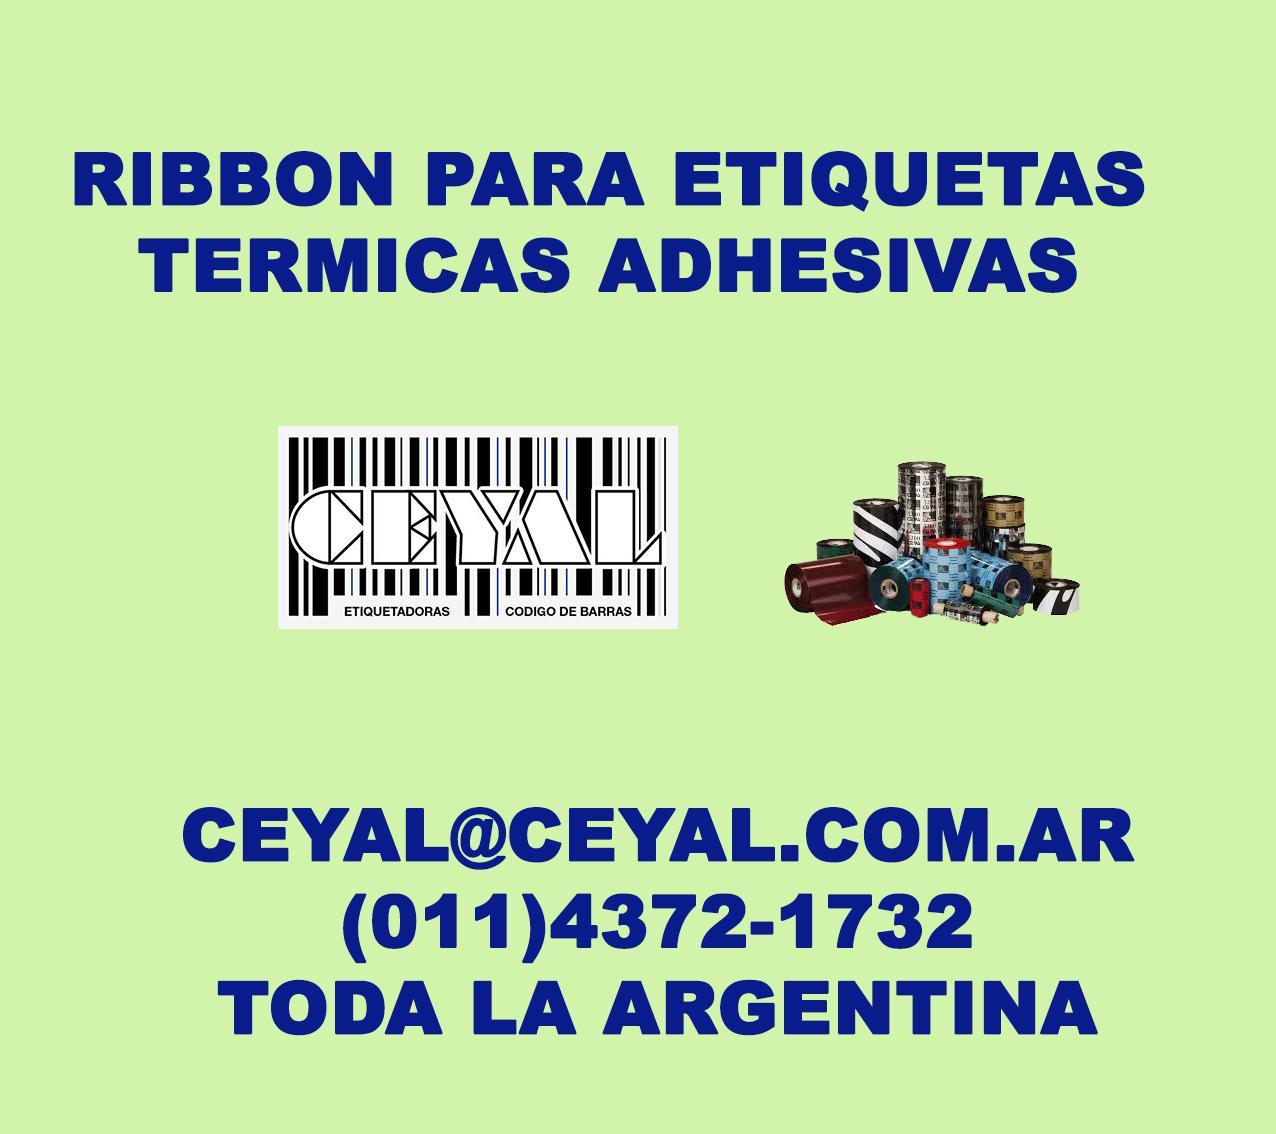 Fabrica de etiquetas adhesivas Merchandising Argentina